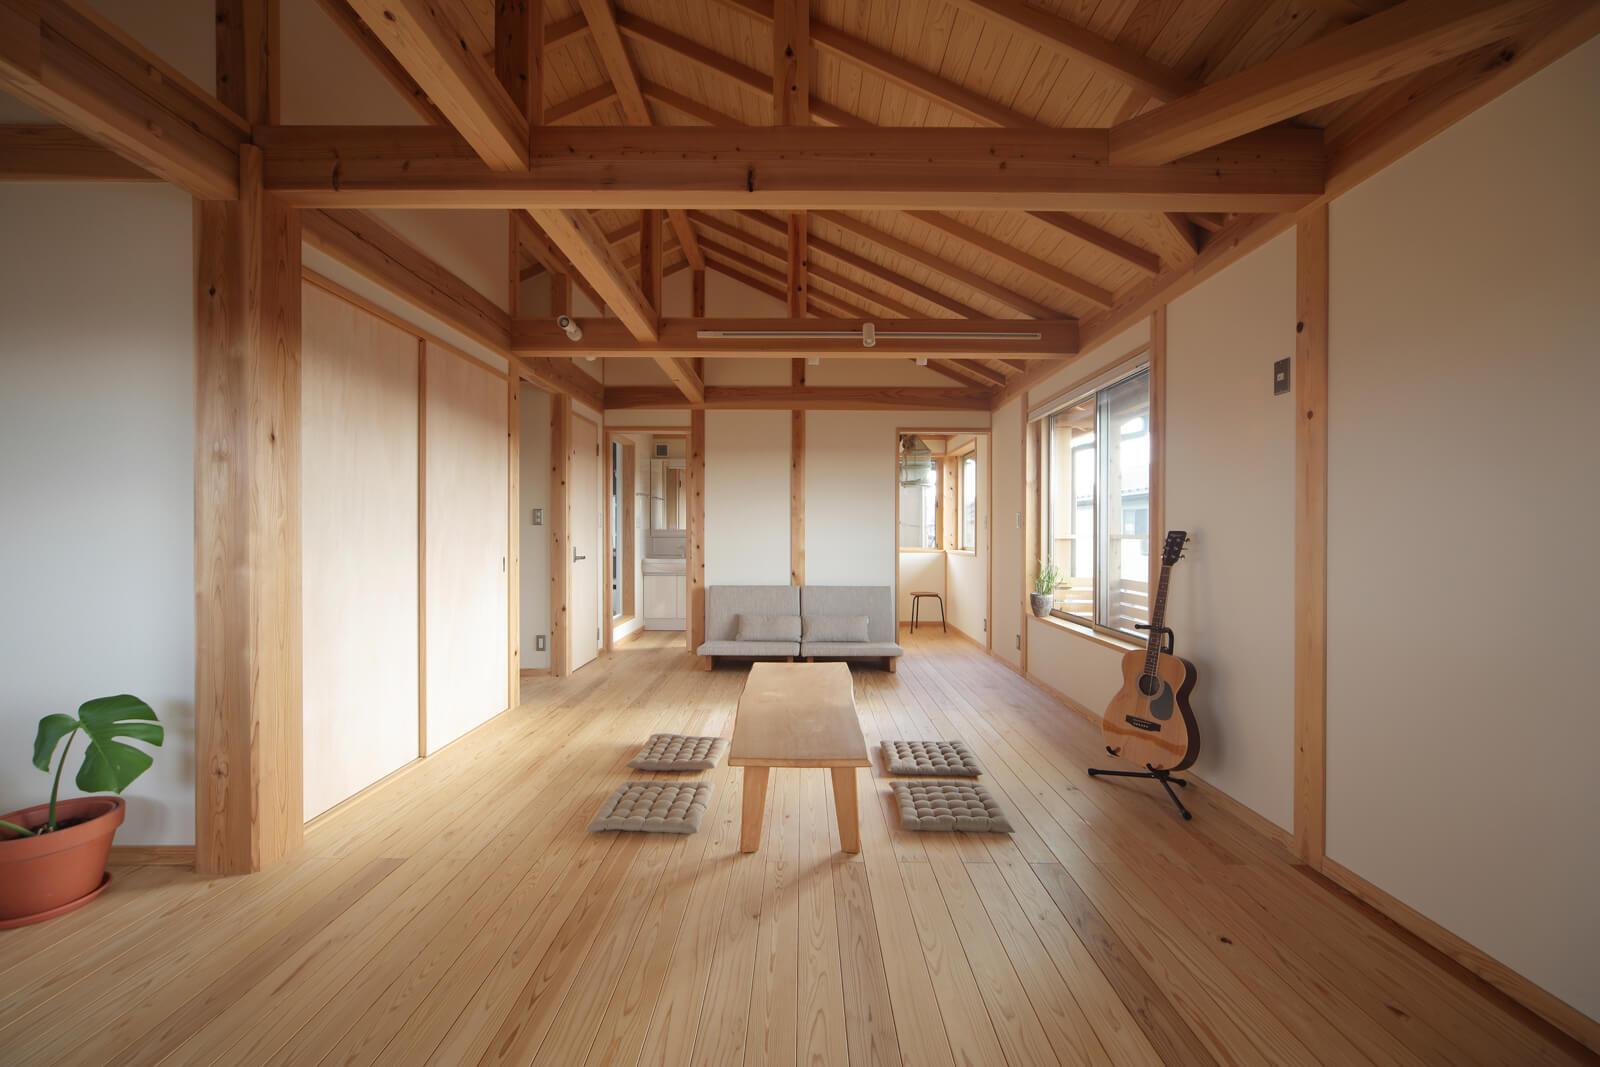 小屋組みを現しにした天井に職人技が宿る20帖の2階居室は、間仕切りで3室に分割可。子どもが小さいうちは広い空間でのびのびと、大きくなったら個室に、といった使い方も。梁の部分に床を設けてロフトスペースをつくることもできる